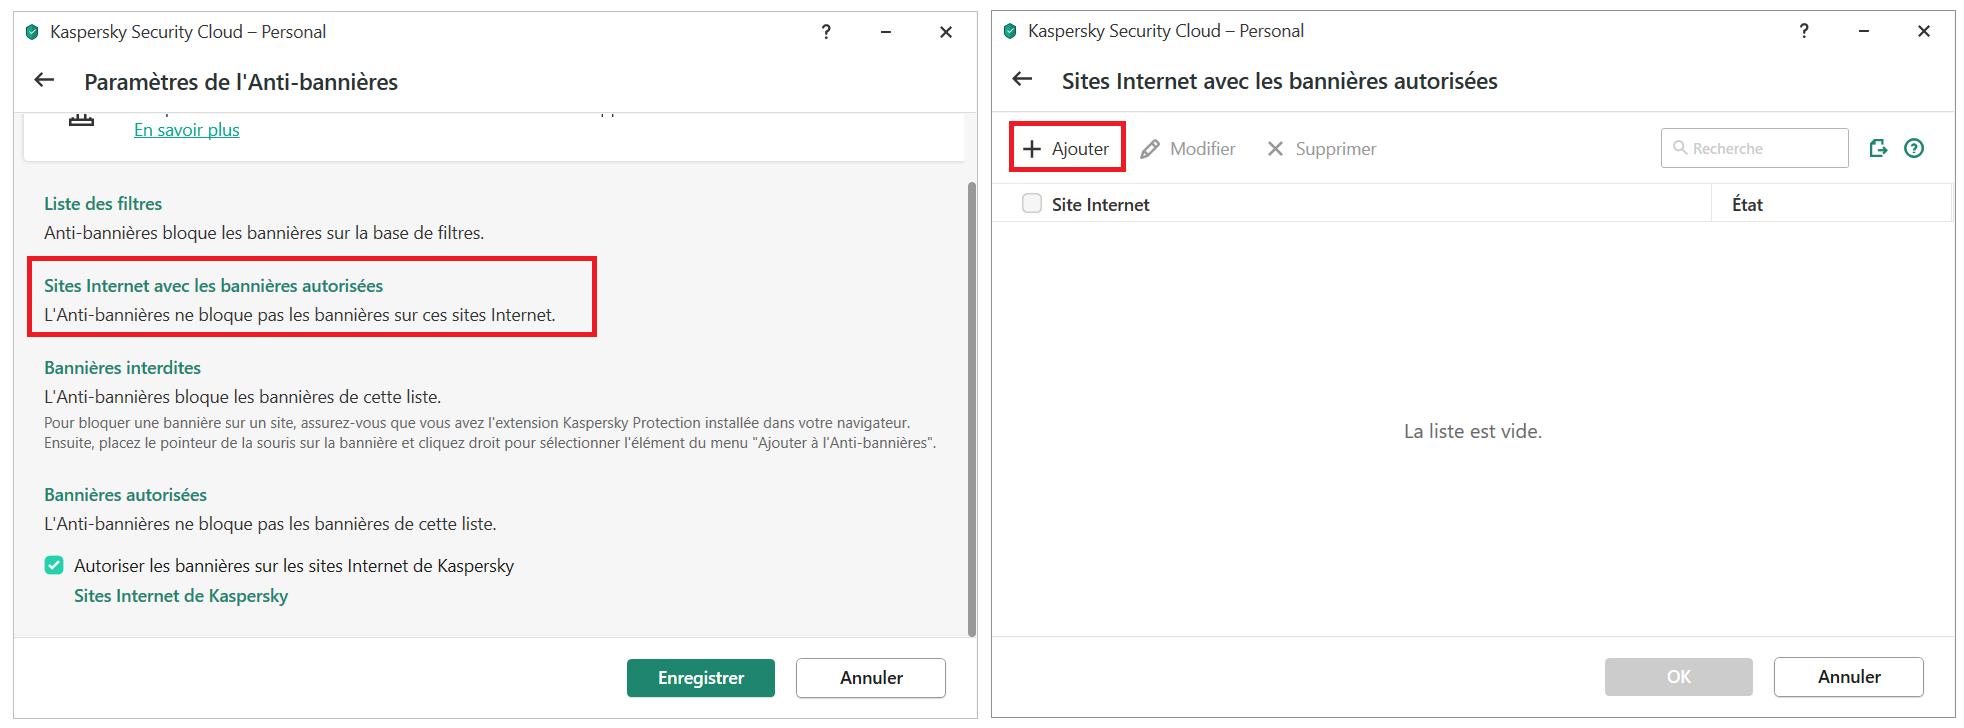 Comment ajouter une bannière à la liste des bannières autorisées dans Kaspersky Security Cloud